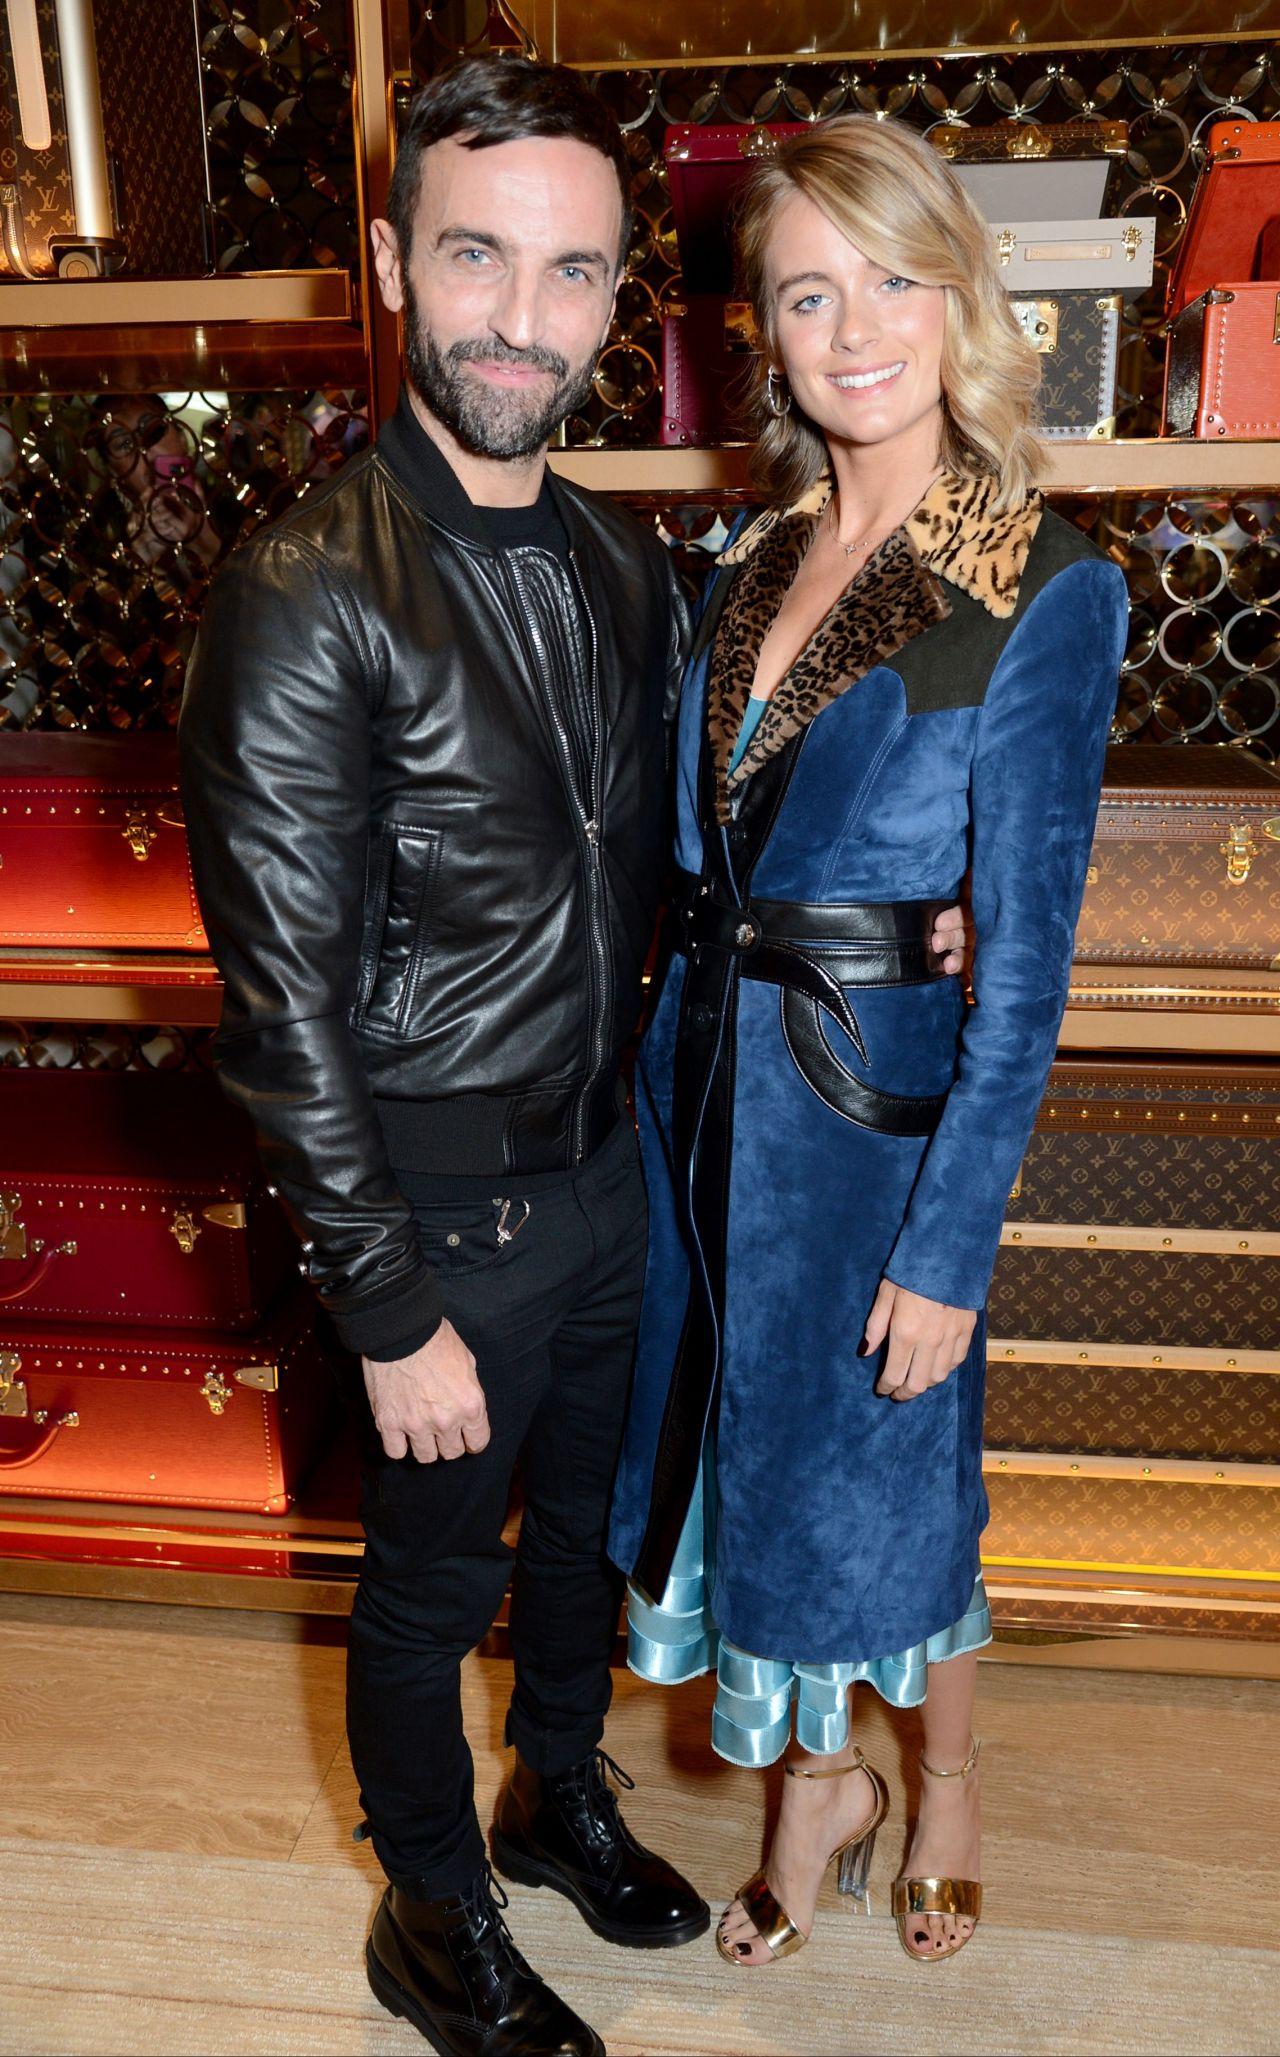 Cressida Bonas Louis Vuitton X Vogue Gingernutz Event